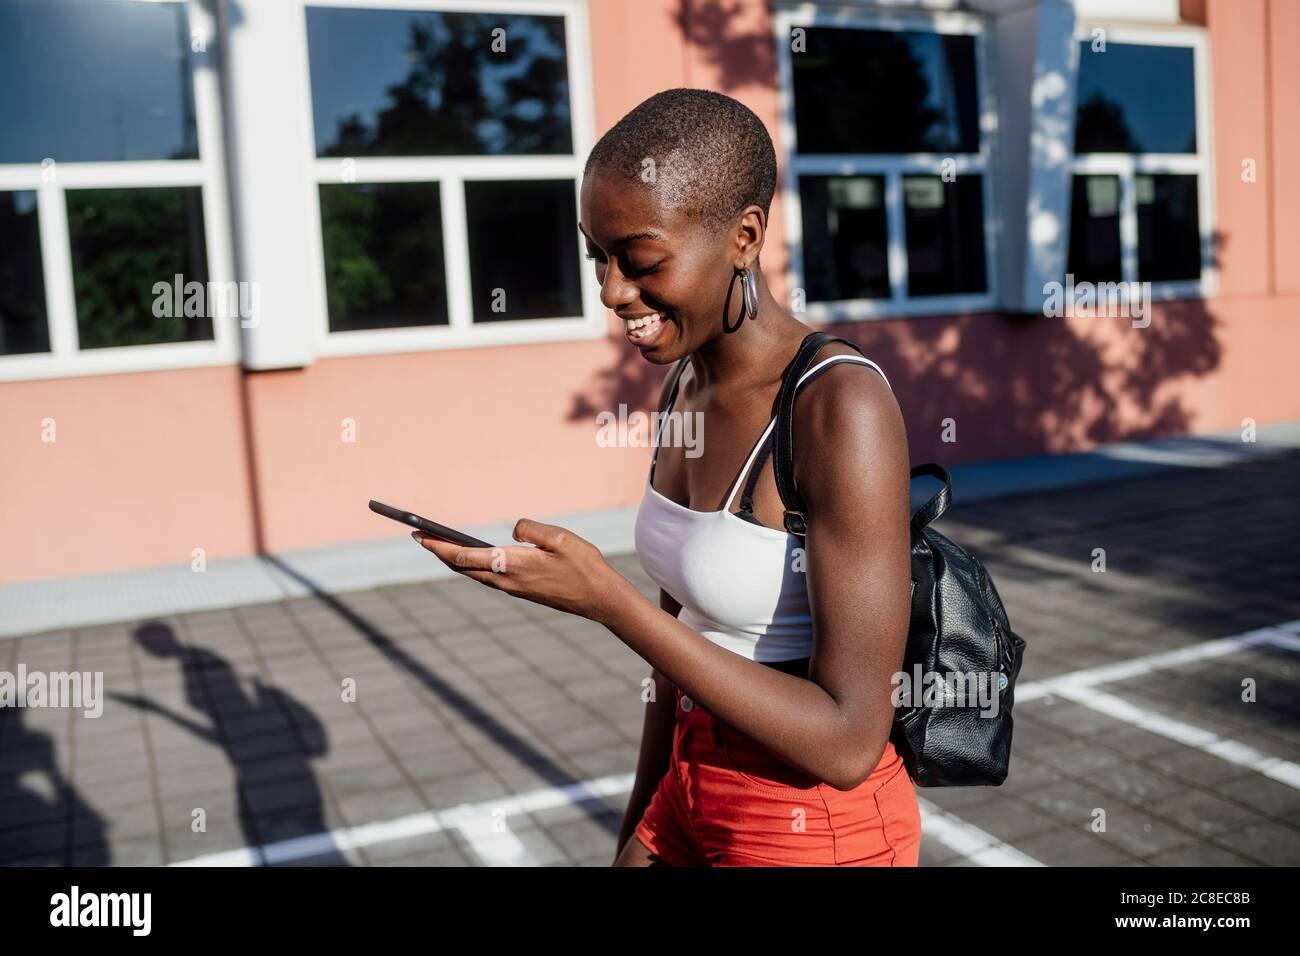 Alegre mujer joven con cabeza afeitada usando el teléfono inteligente mientras caminar en la acera de la ciudad Foto de stock